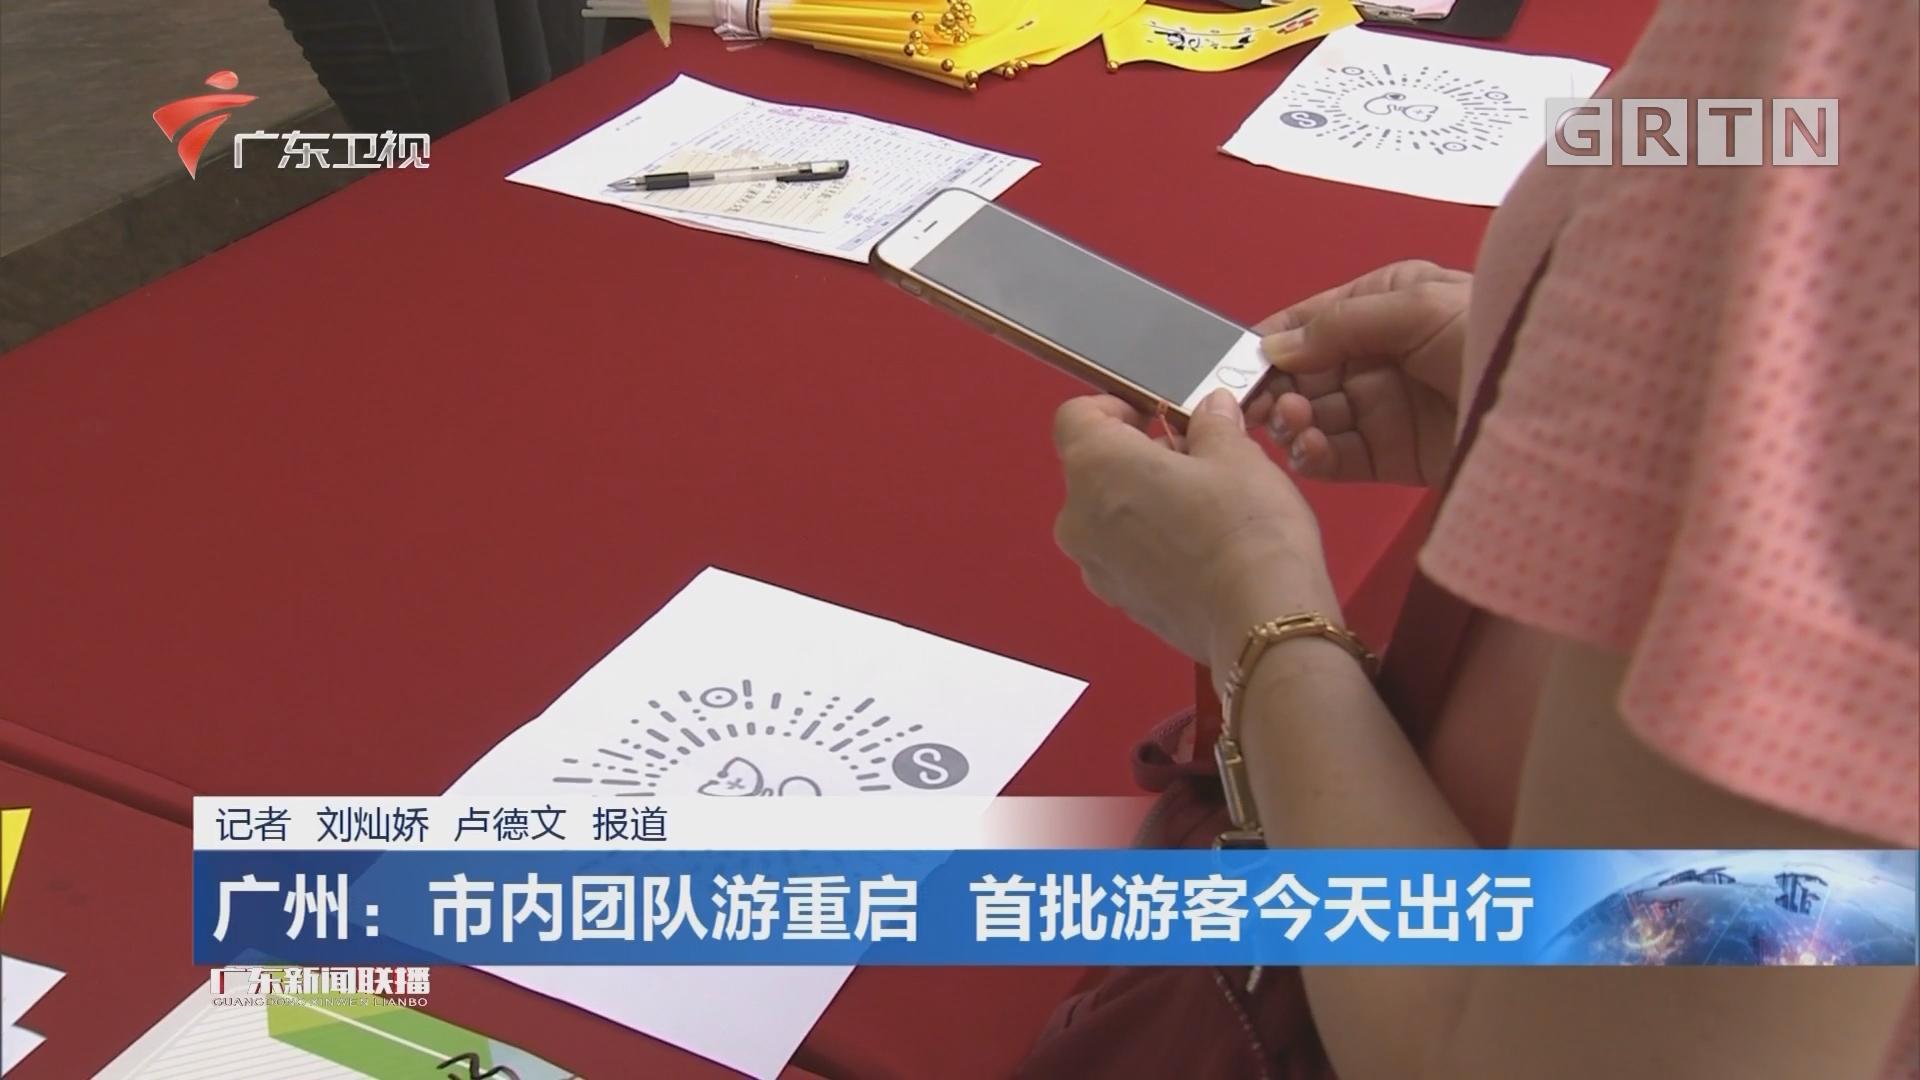 廣州:市內團隊游重啟 首批游客今天出行